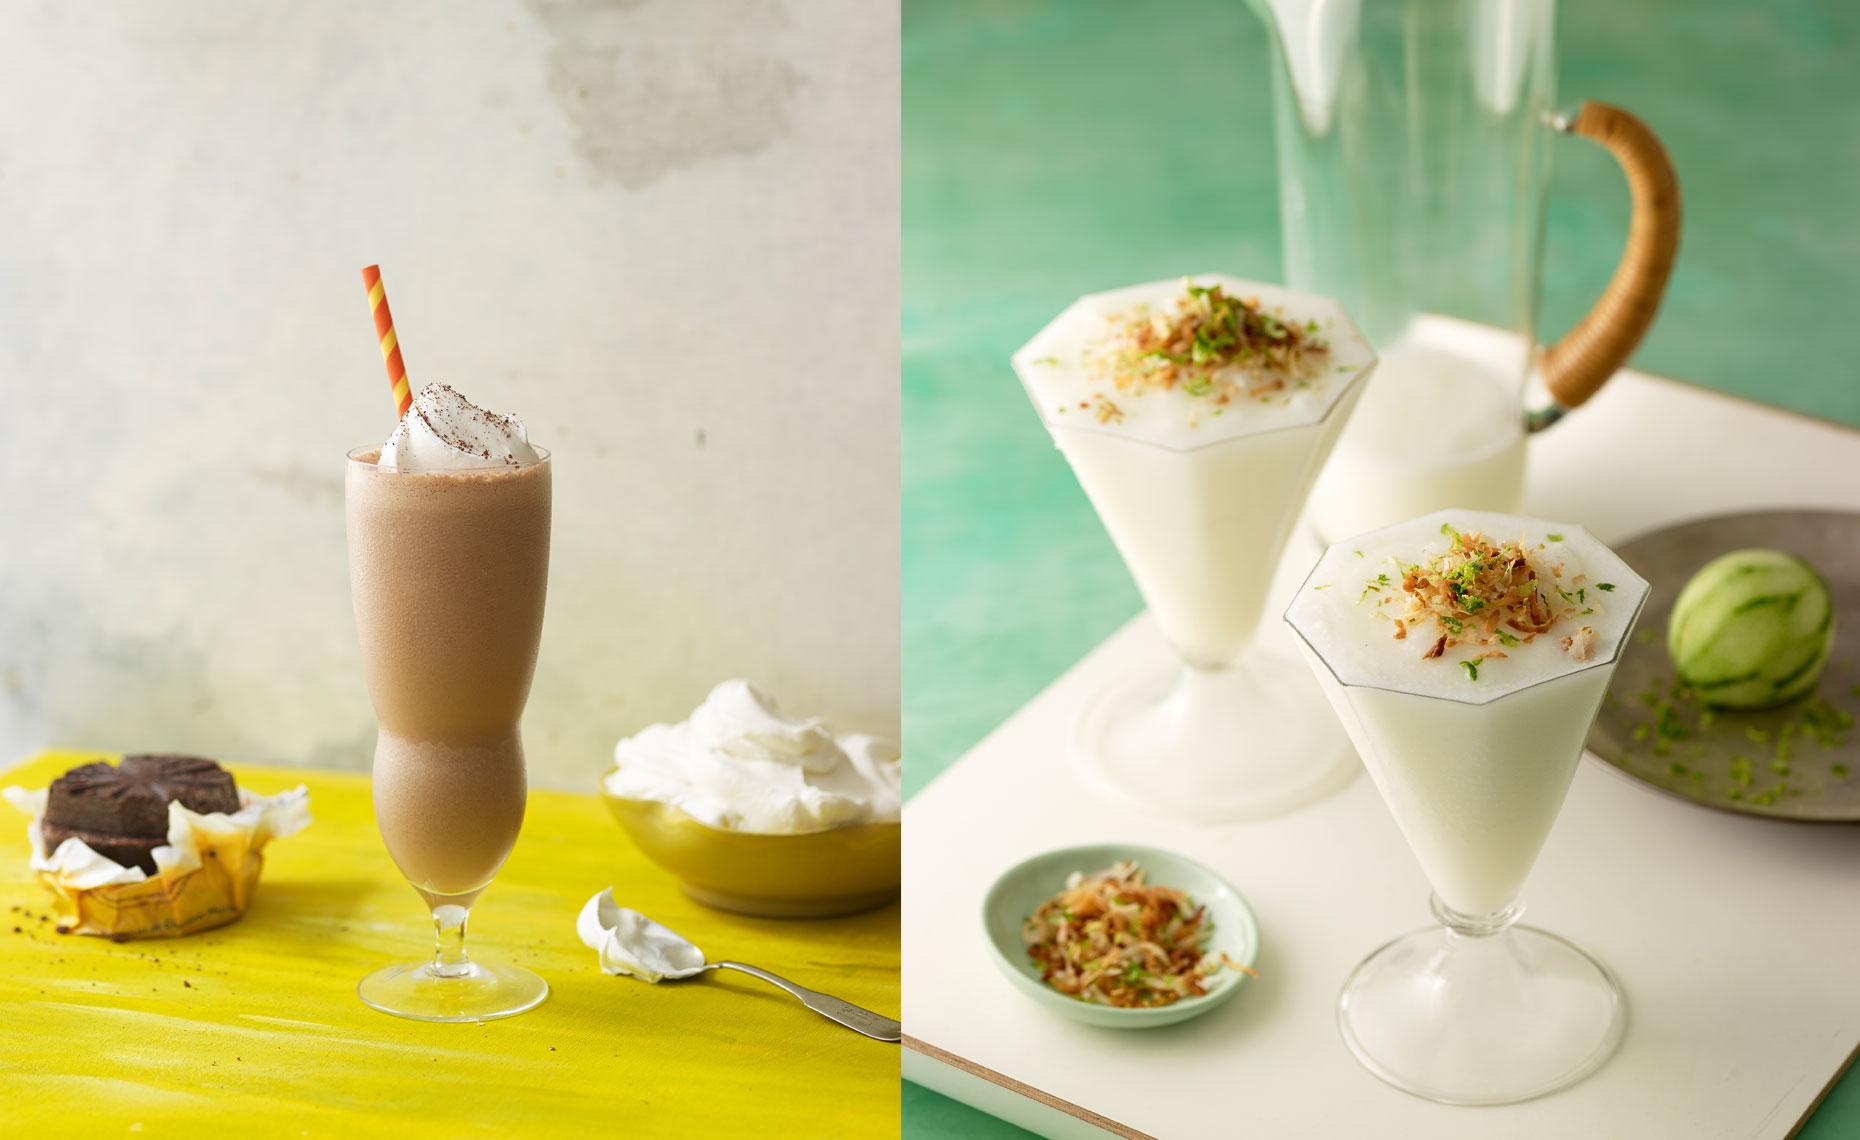 milkshake-and-coco-lime-drink.jpg